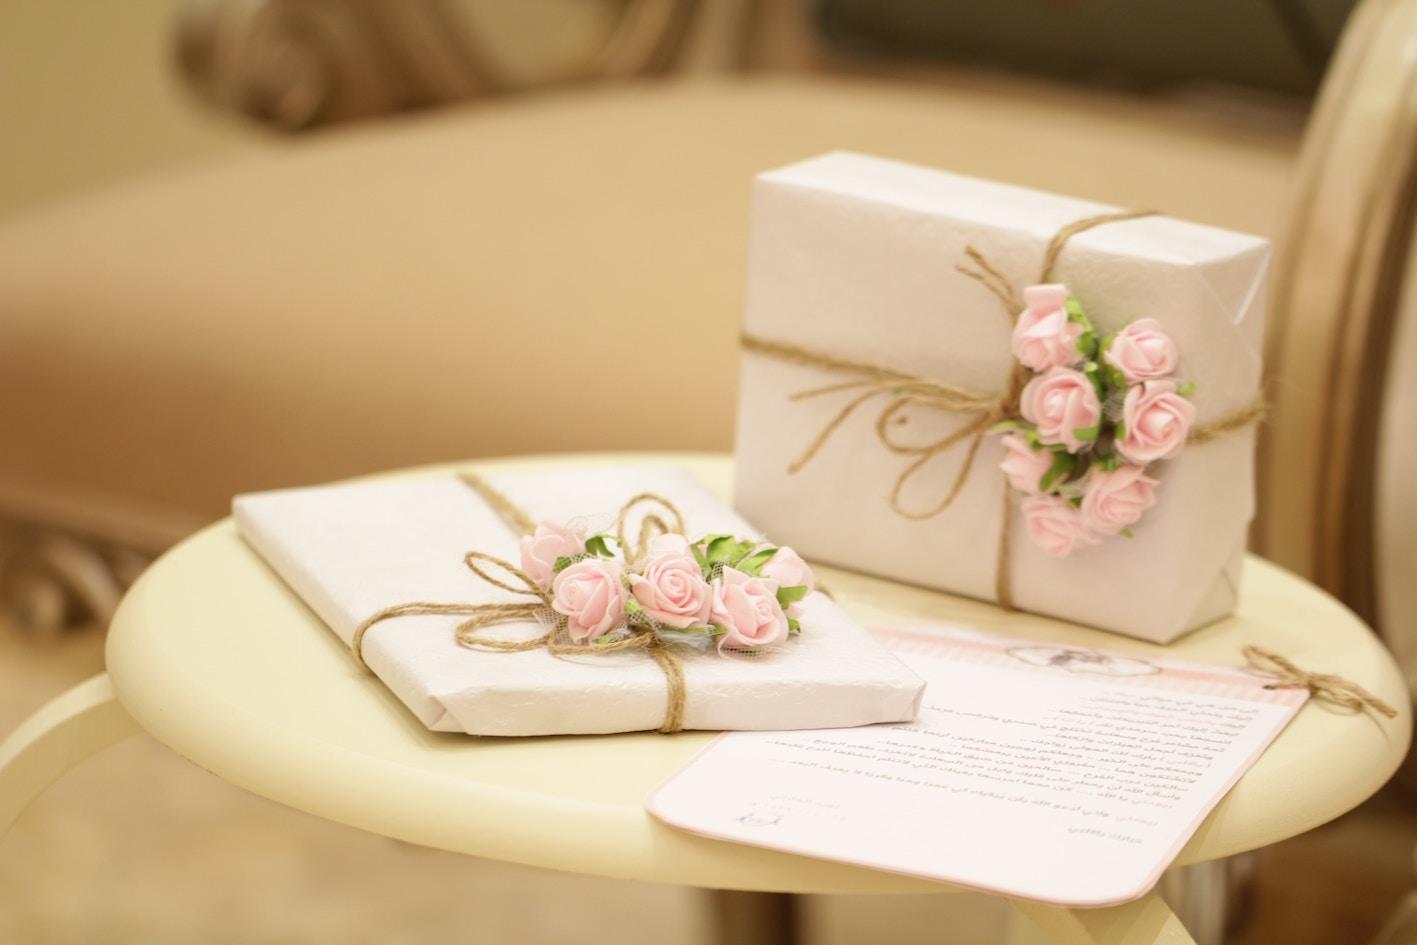 Tipps Für Geschenke Und Deko Zur Hochzeit Hejpix